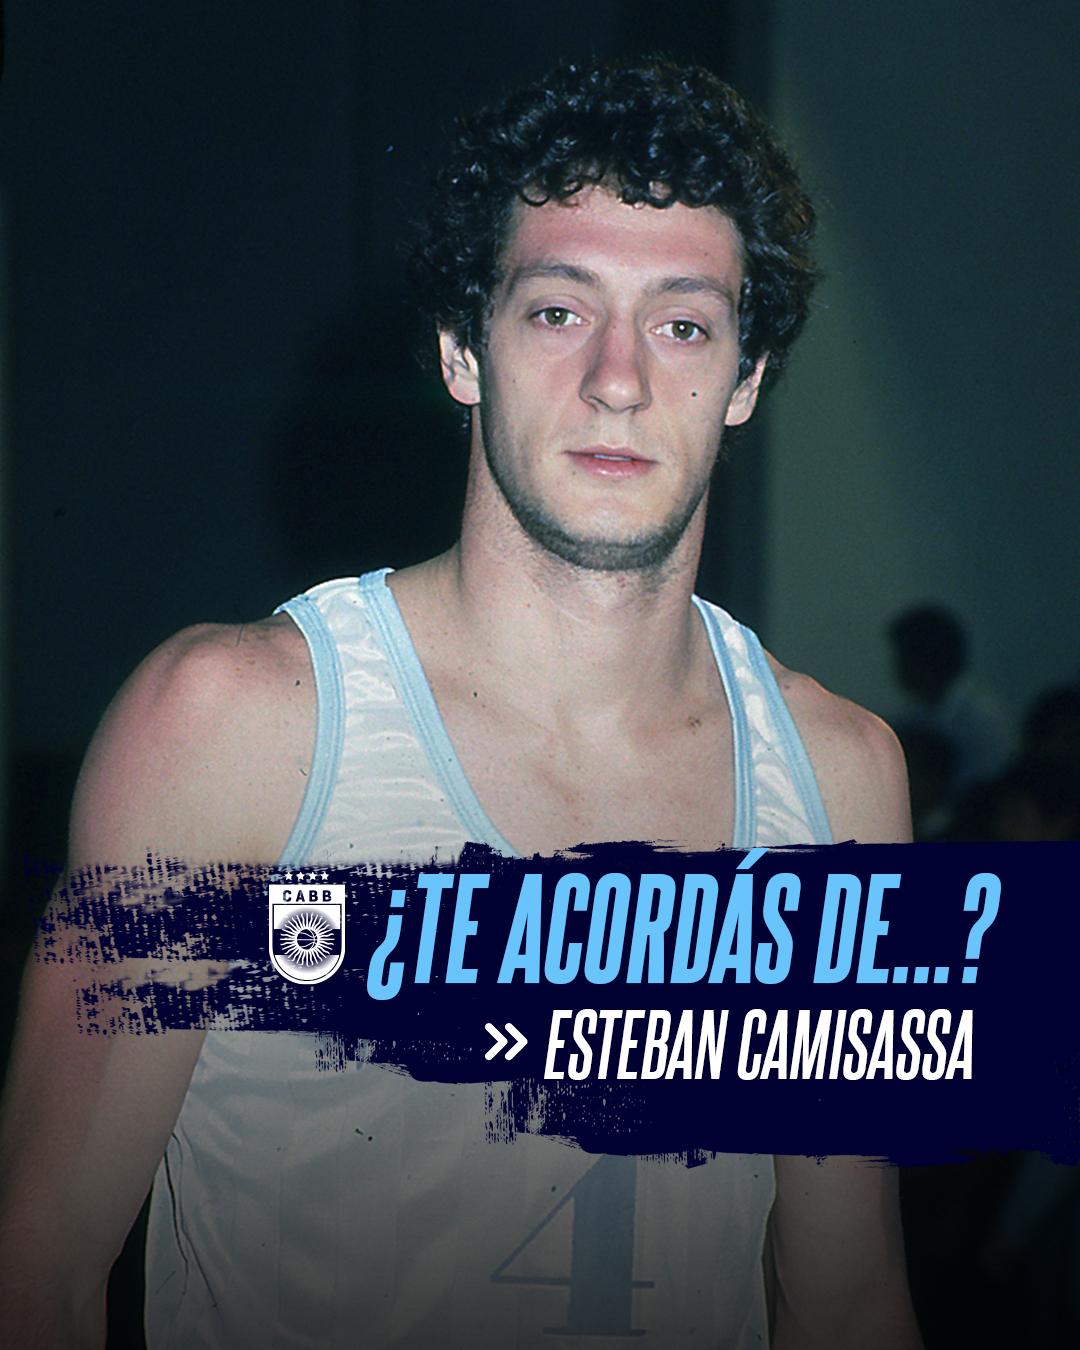 Esteban Camisassa: memorias de un hombre récord